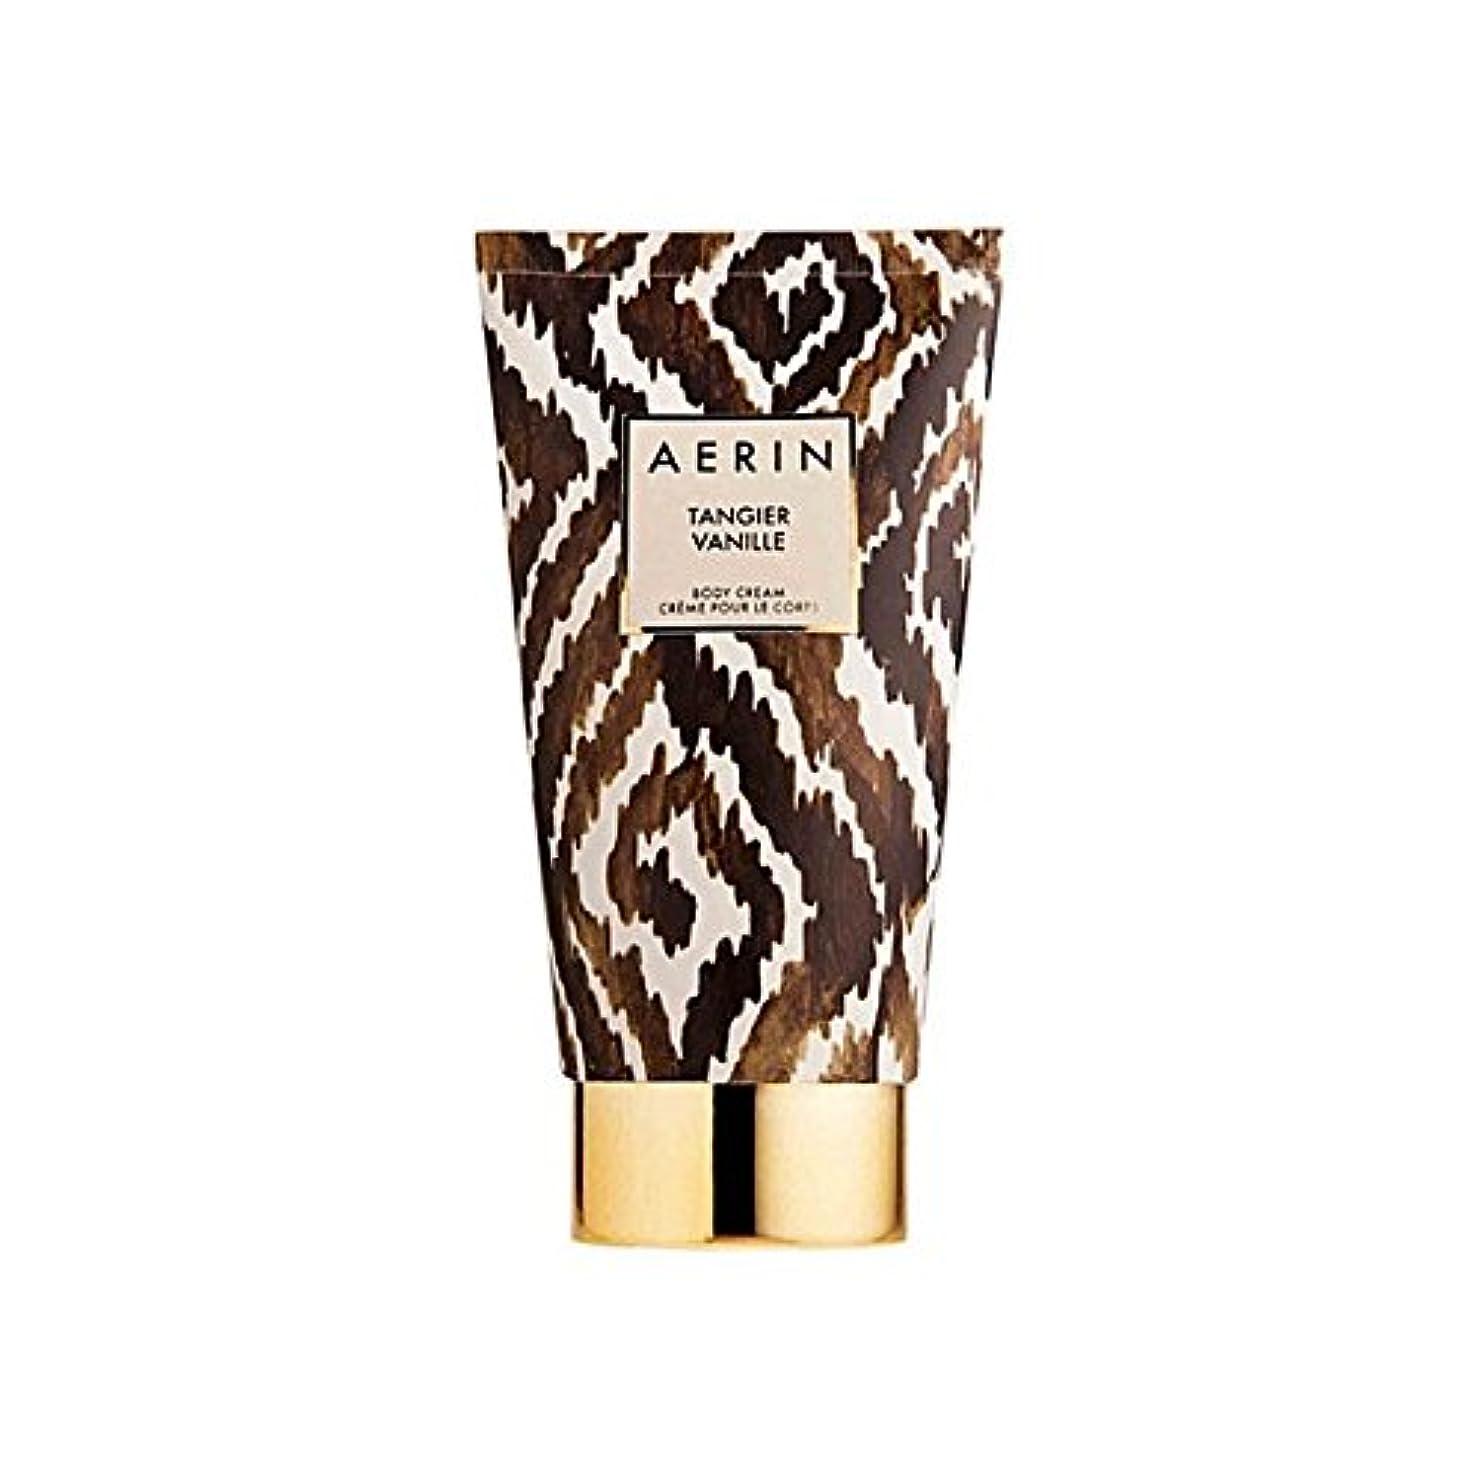 コミュニケーションミルるタンジールヴァニラボディクリーム x2 - Aerin Tangier Vanille Body Cream (Pack of 2) [並行輸入品]